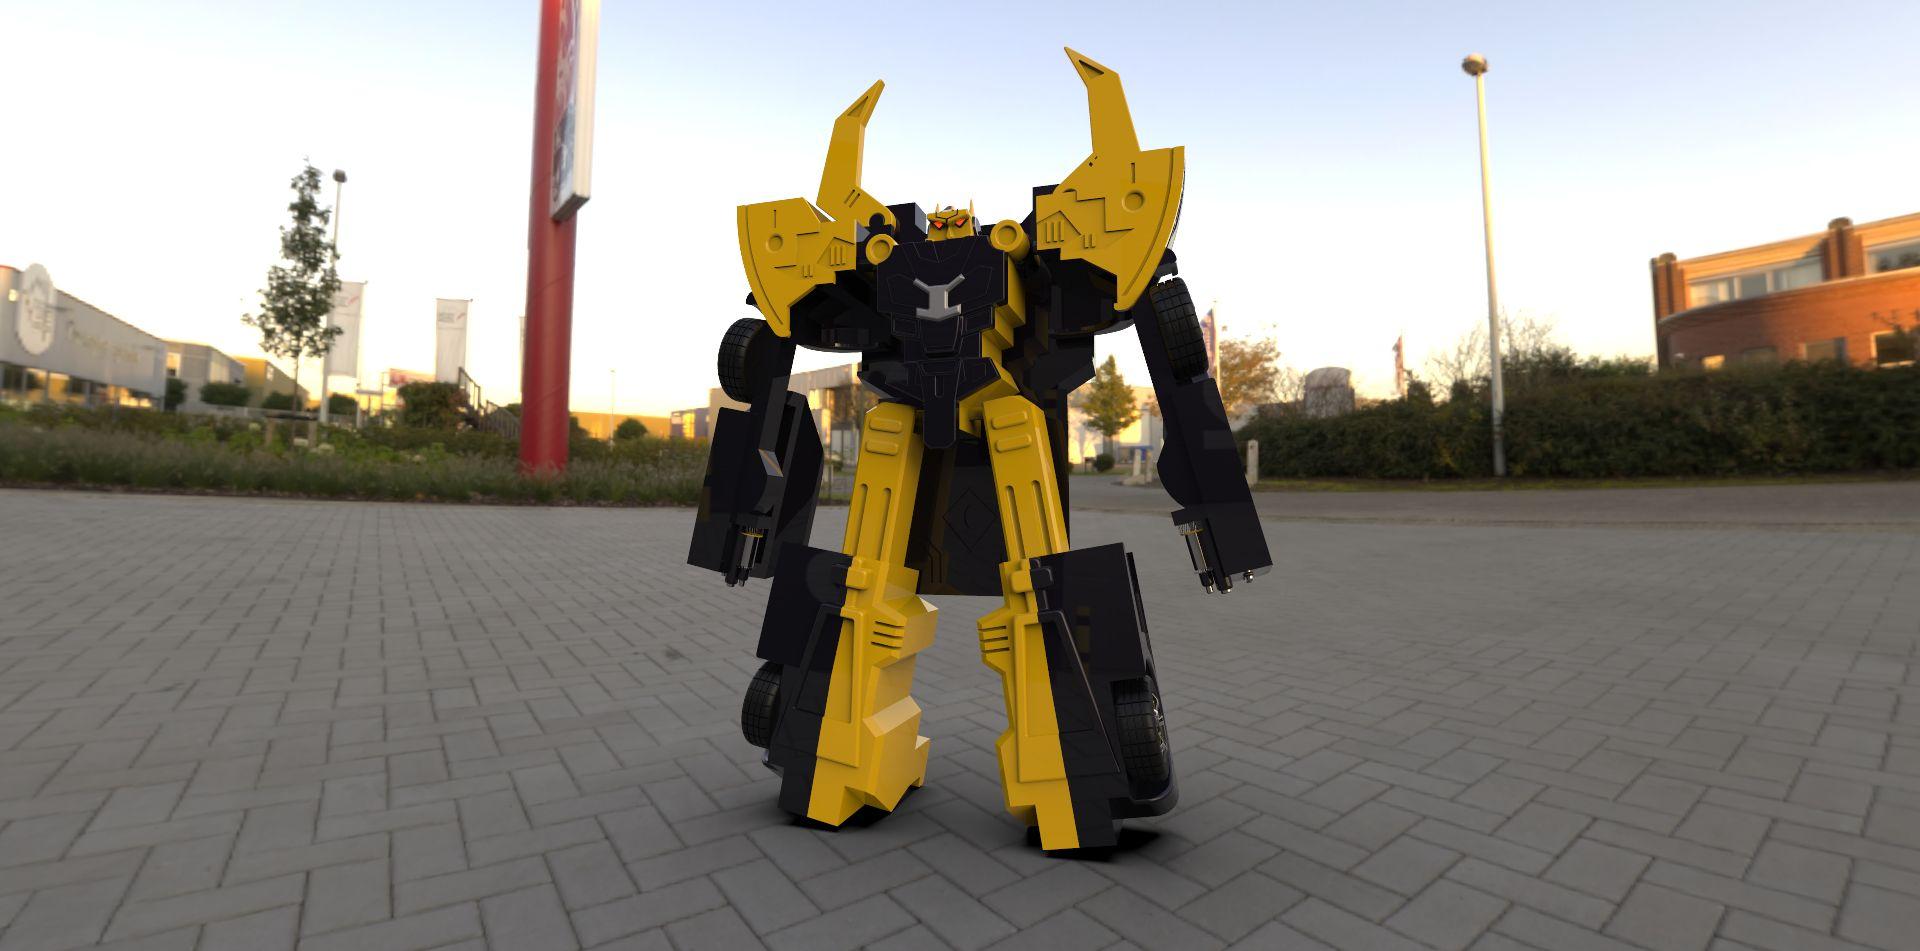 Car-bot-1-46-3500-3500